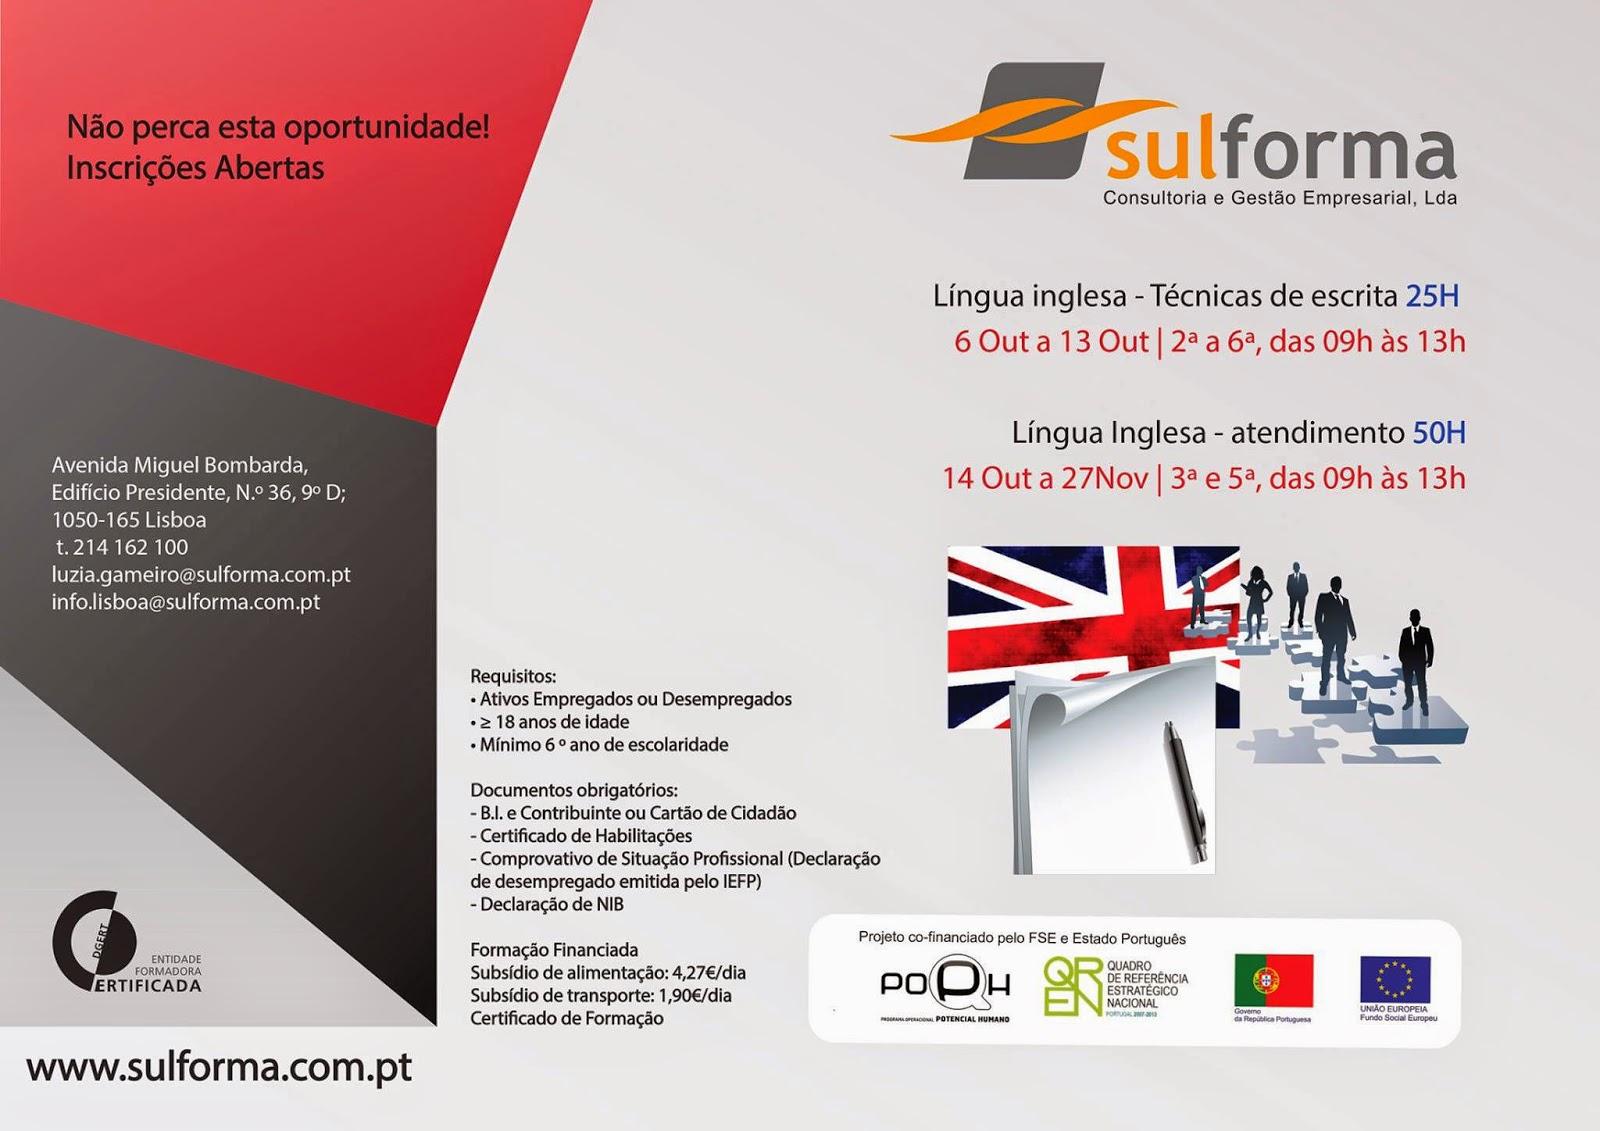 cursos gratis de lingua inglesa em Lisboa